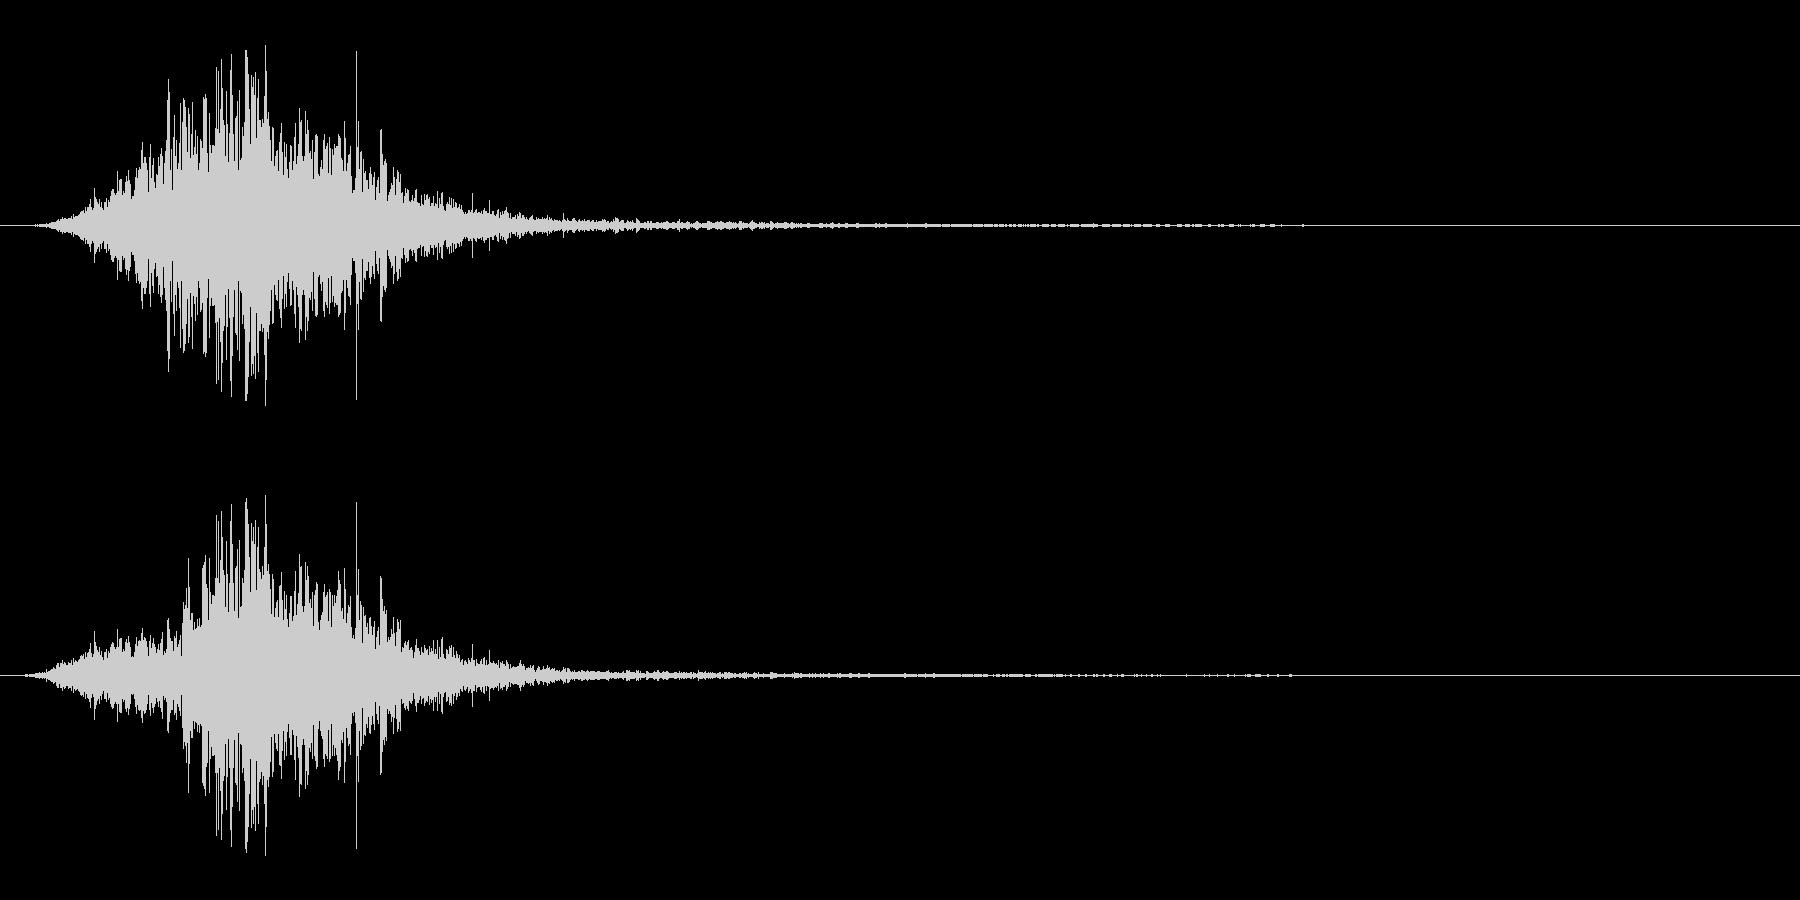 マントをバサッとする音3 ステレオ感の未再生の波形